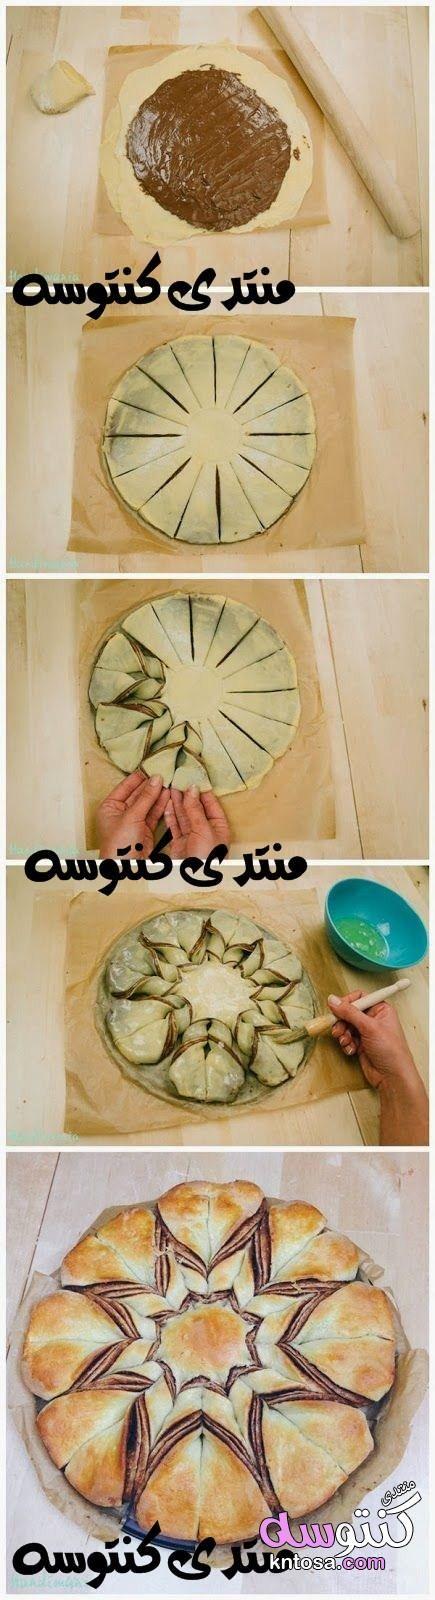 بالصور اسهل طرق لتشكيل المعجنات طريقة تشكيل العجينة في اسرع وقت طريقة تشكيل المعجنات Kntosa Com 29 18 154 Food Star Bread Nutella Recipes